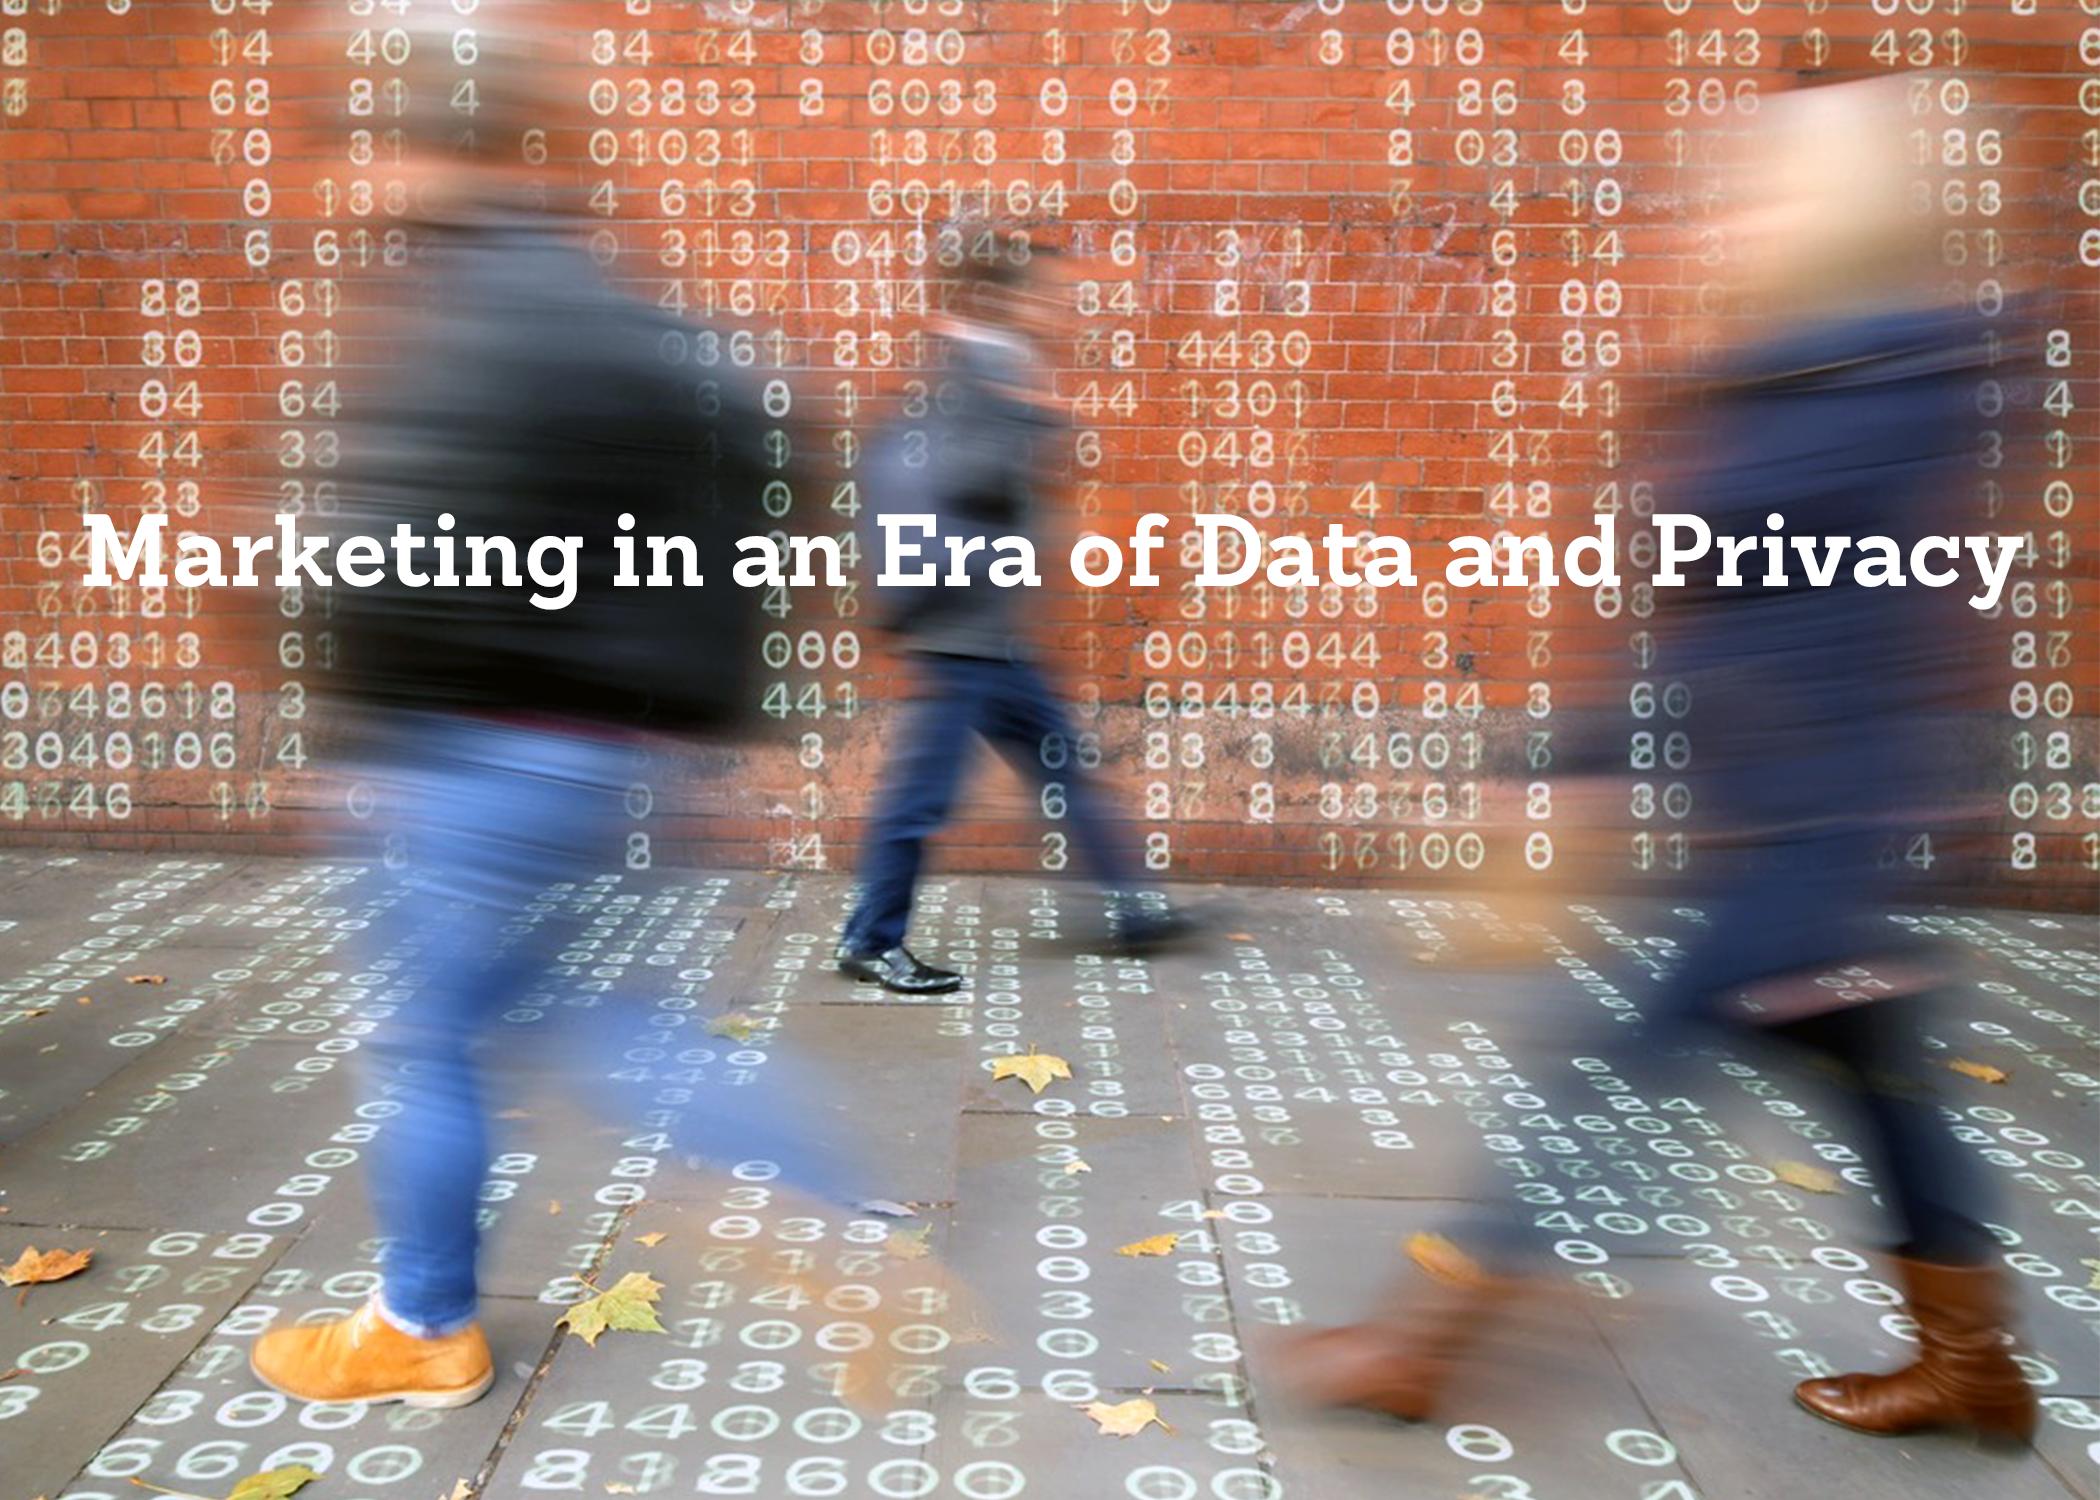 Era Data Privacy